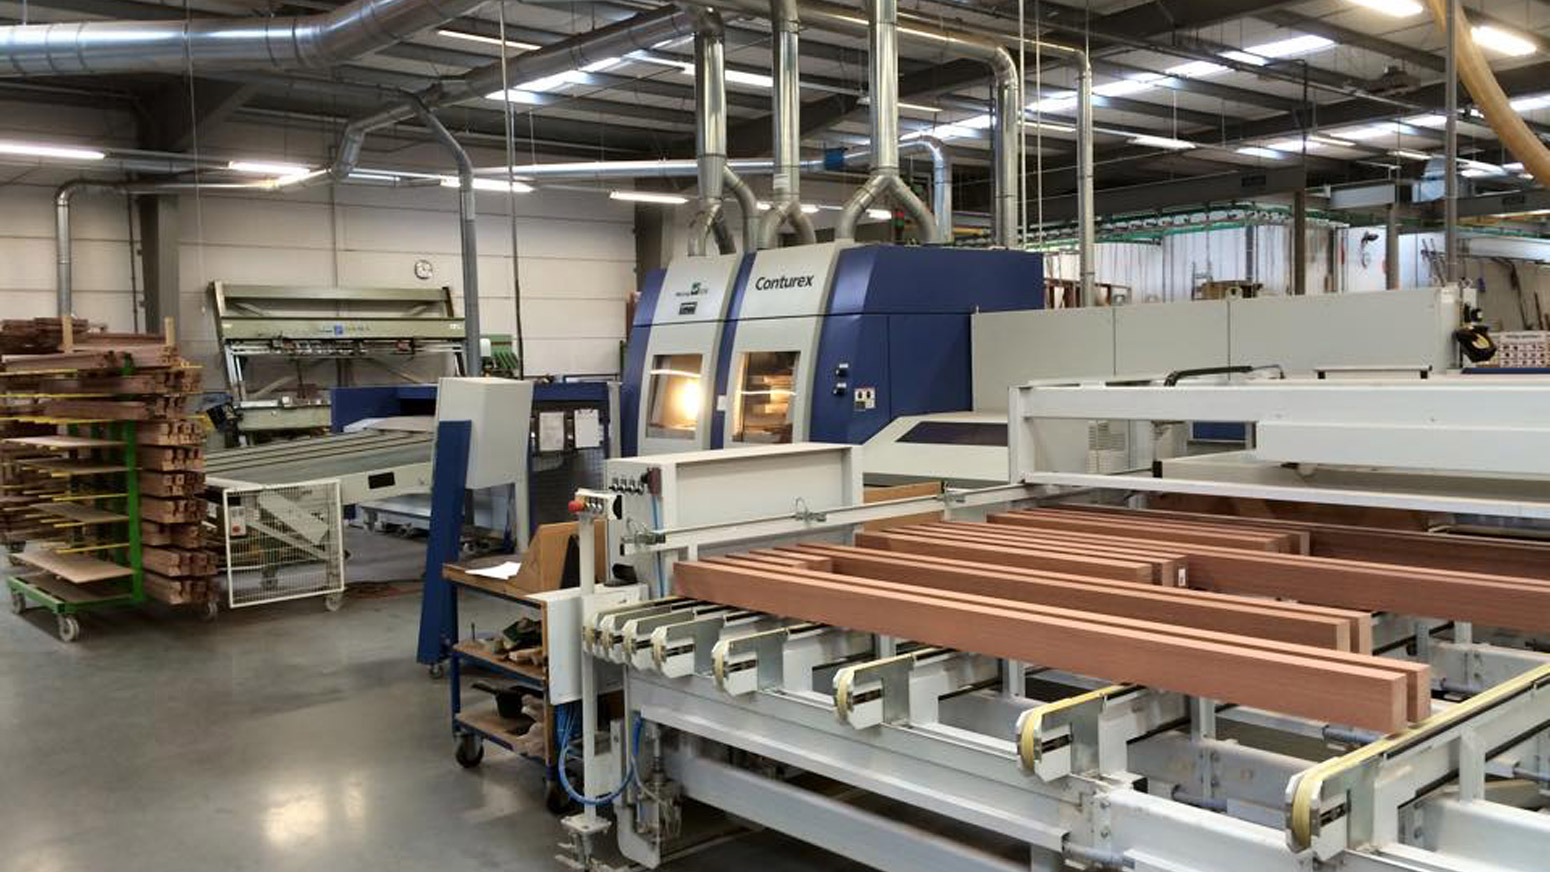 Werkplaats Van Timmerfabriek Vermeer B.V. In Renswoude